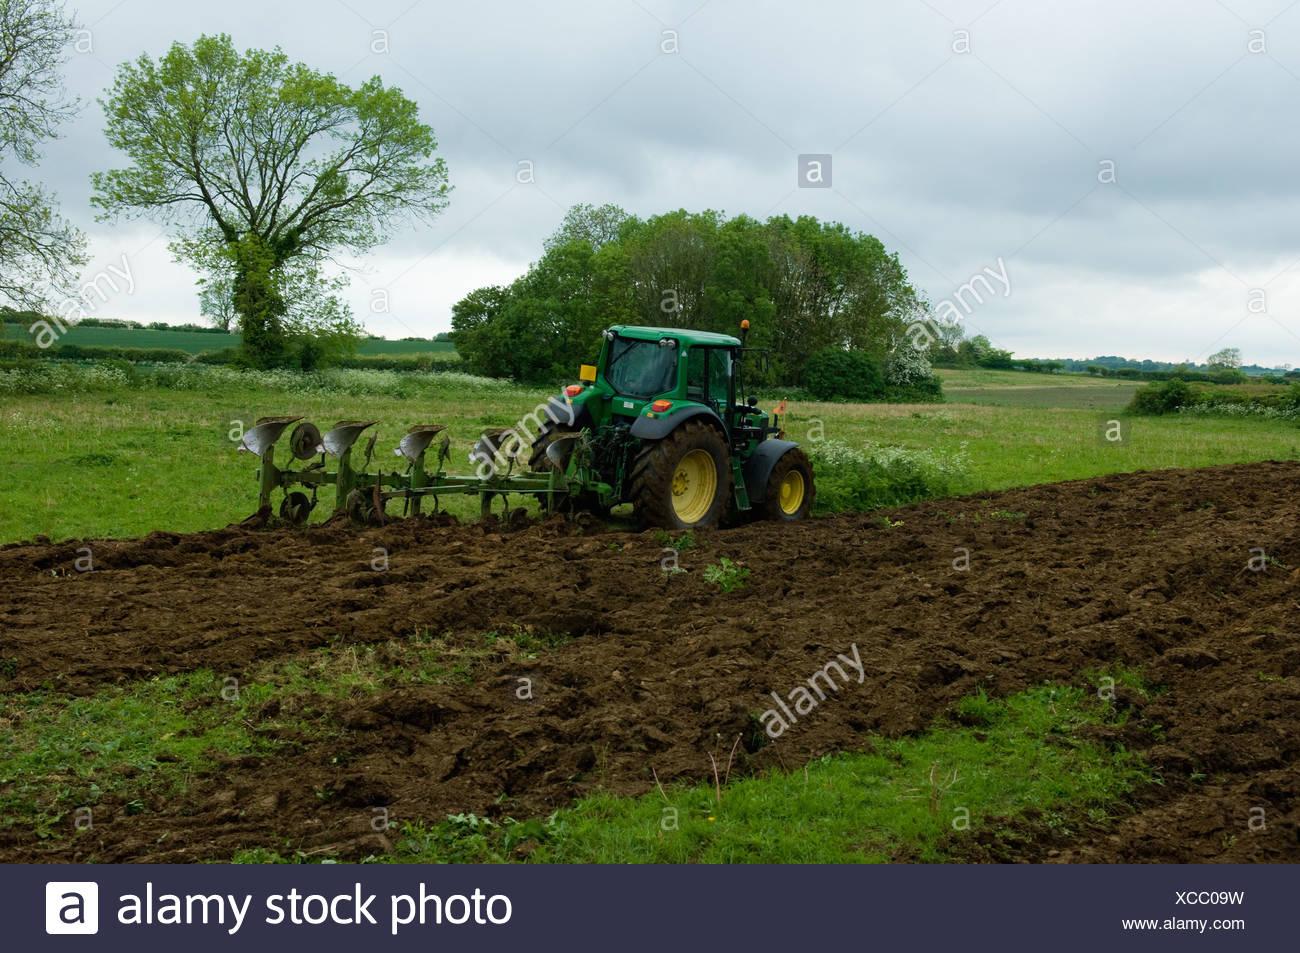 l7.alamy.com/comp/XCC09W/traktor-pflugen-feld-XCC0...